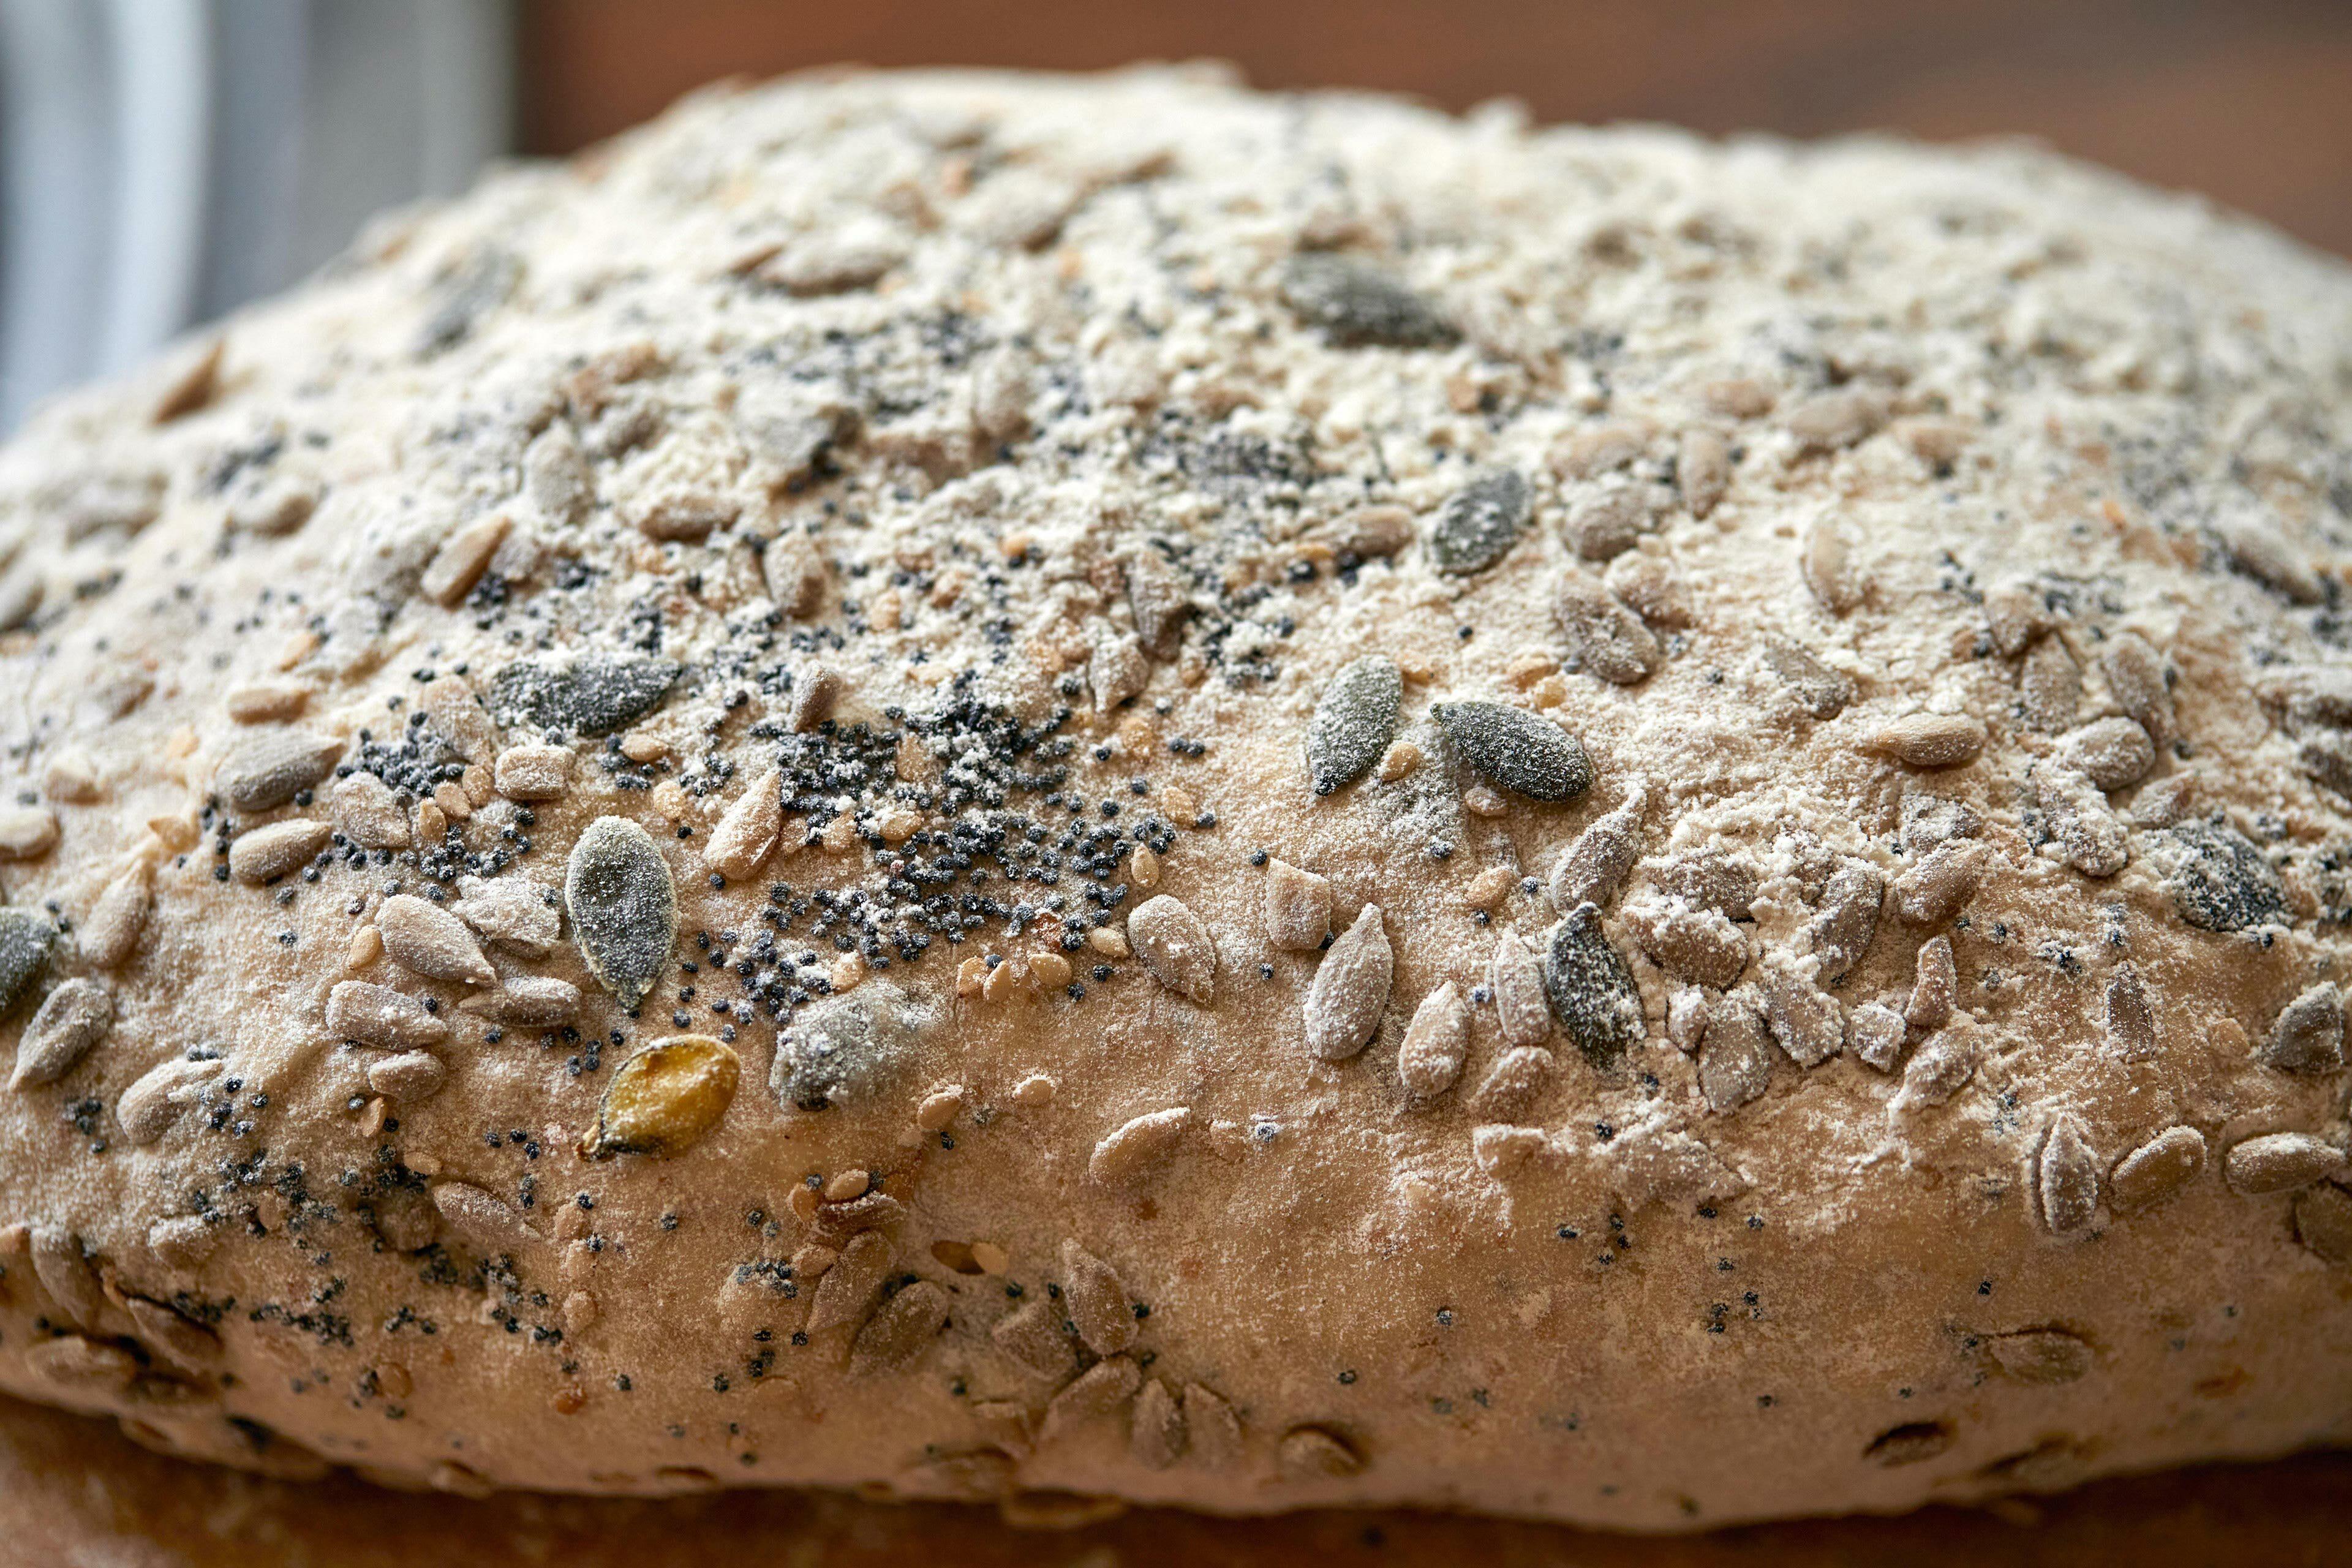 Richard Moran Bakery Artisan Food Producer 005